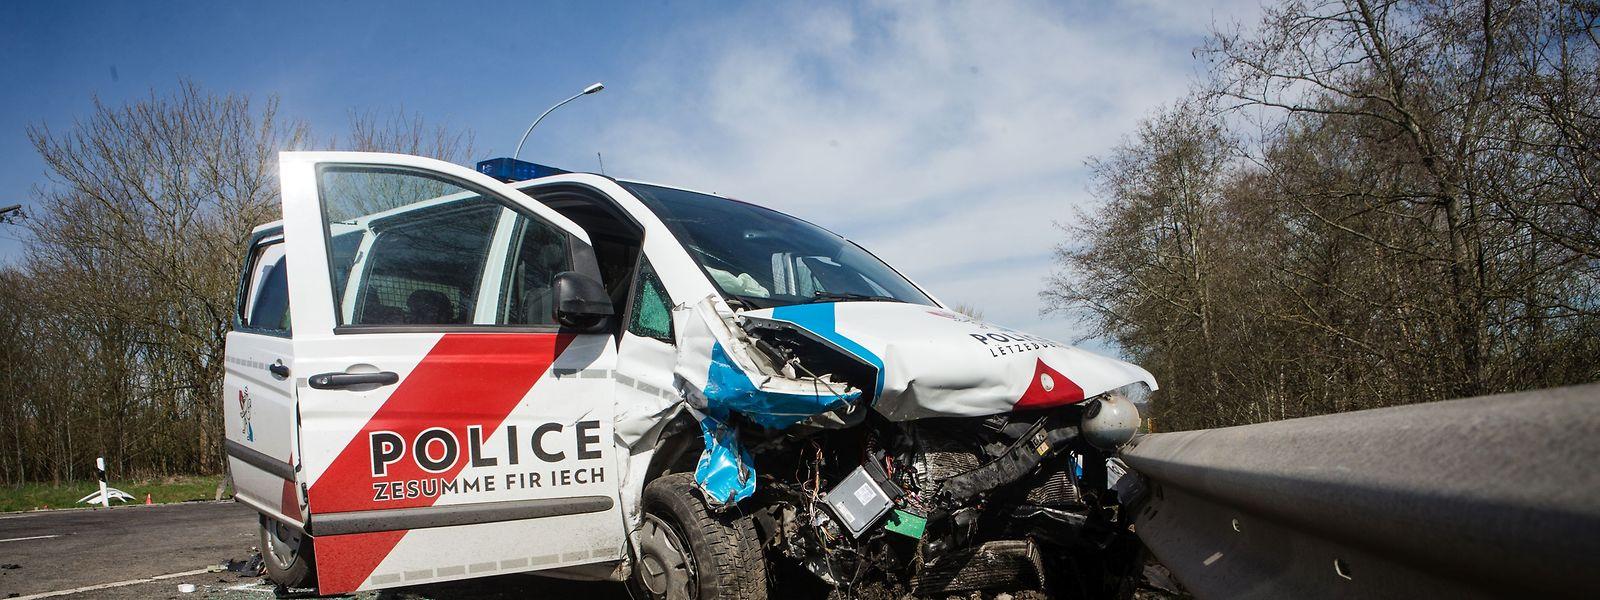 Bei dem Unfall am Samstagmorgen verstarb ein Polizist noch an der Unfallstelle. Seine Kollegin kämpft weiter um ihr Leben.